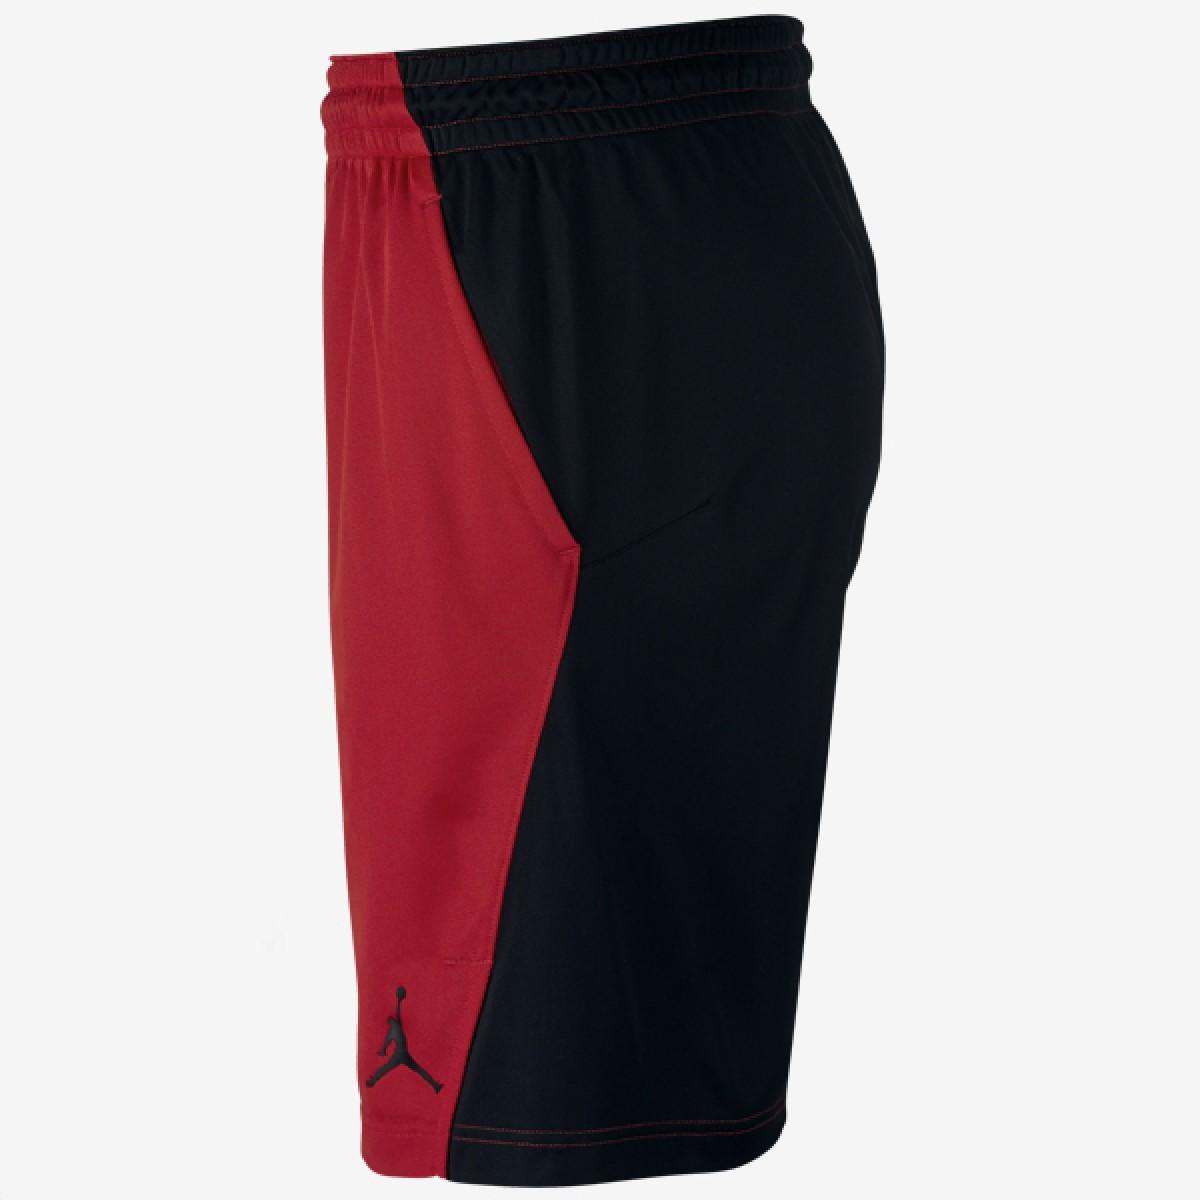 Jordan Flight Basketball Short 'Bred' 861496-687